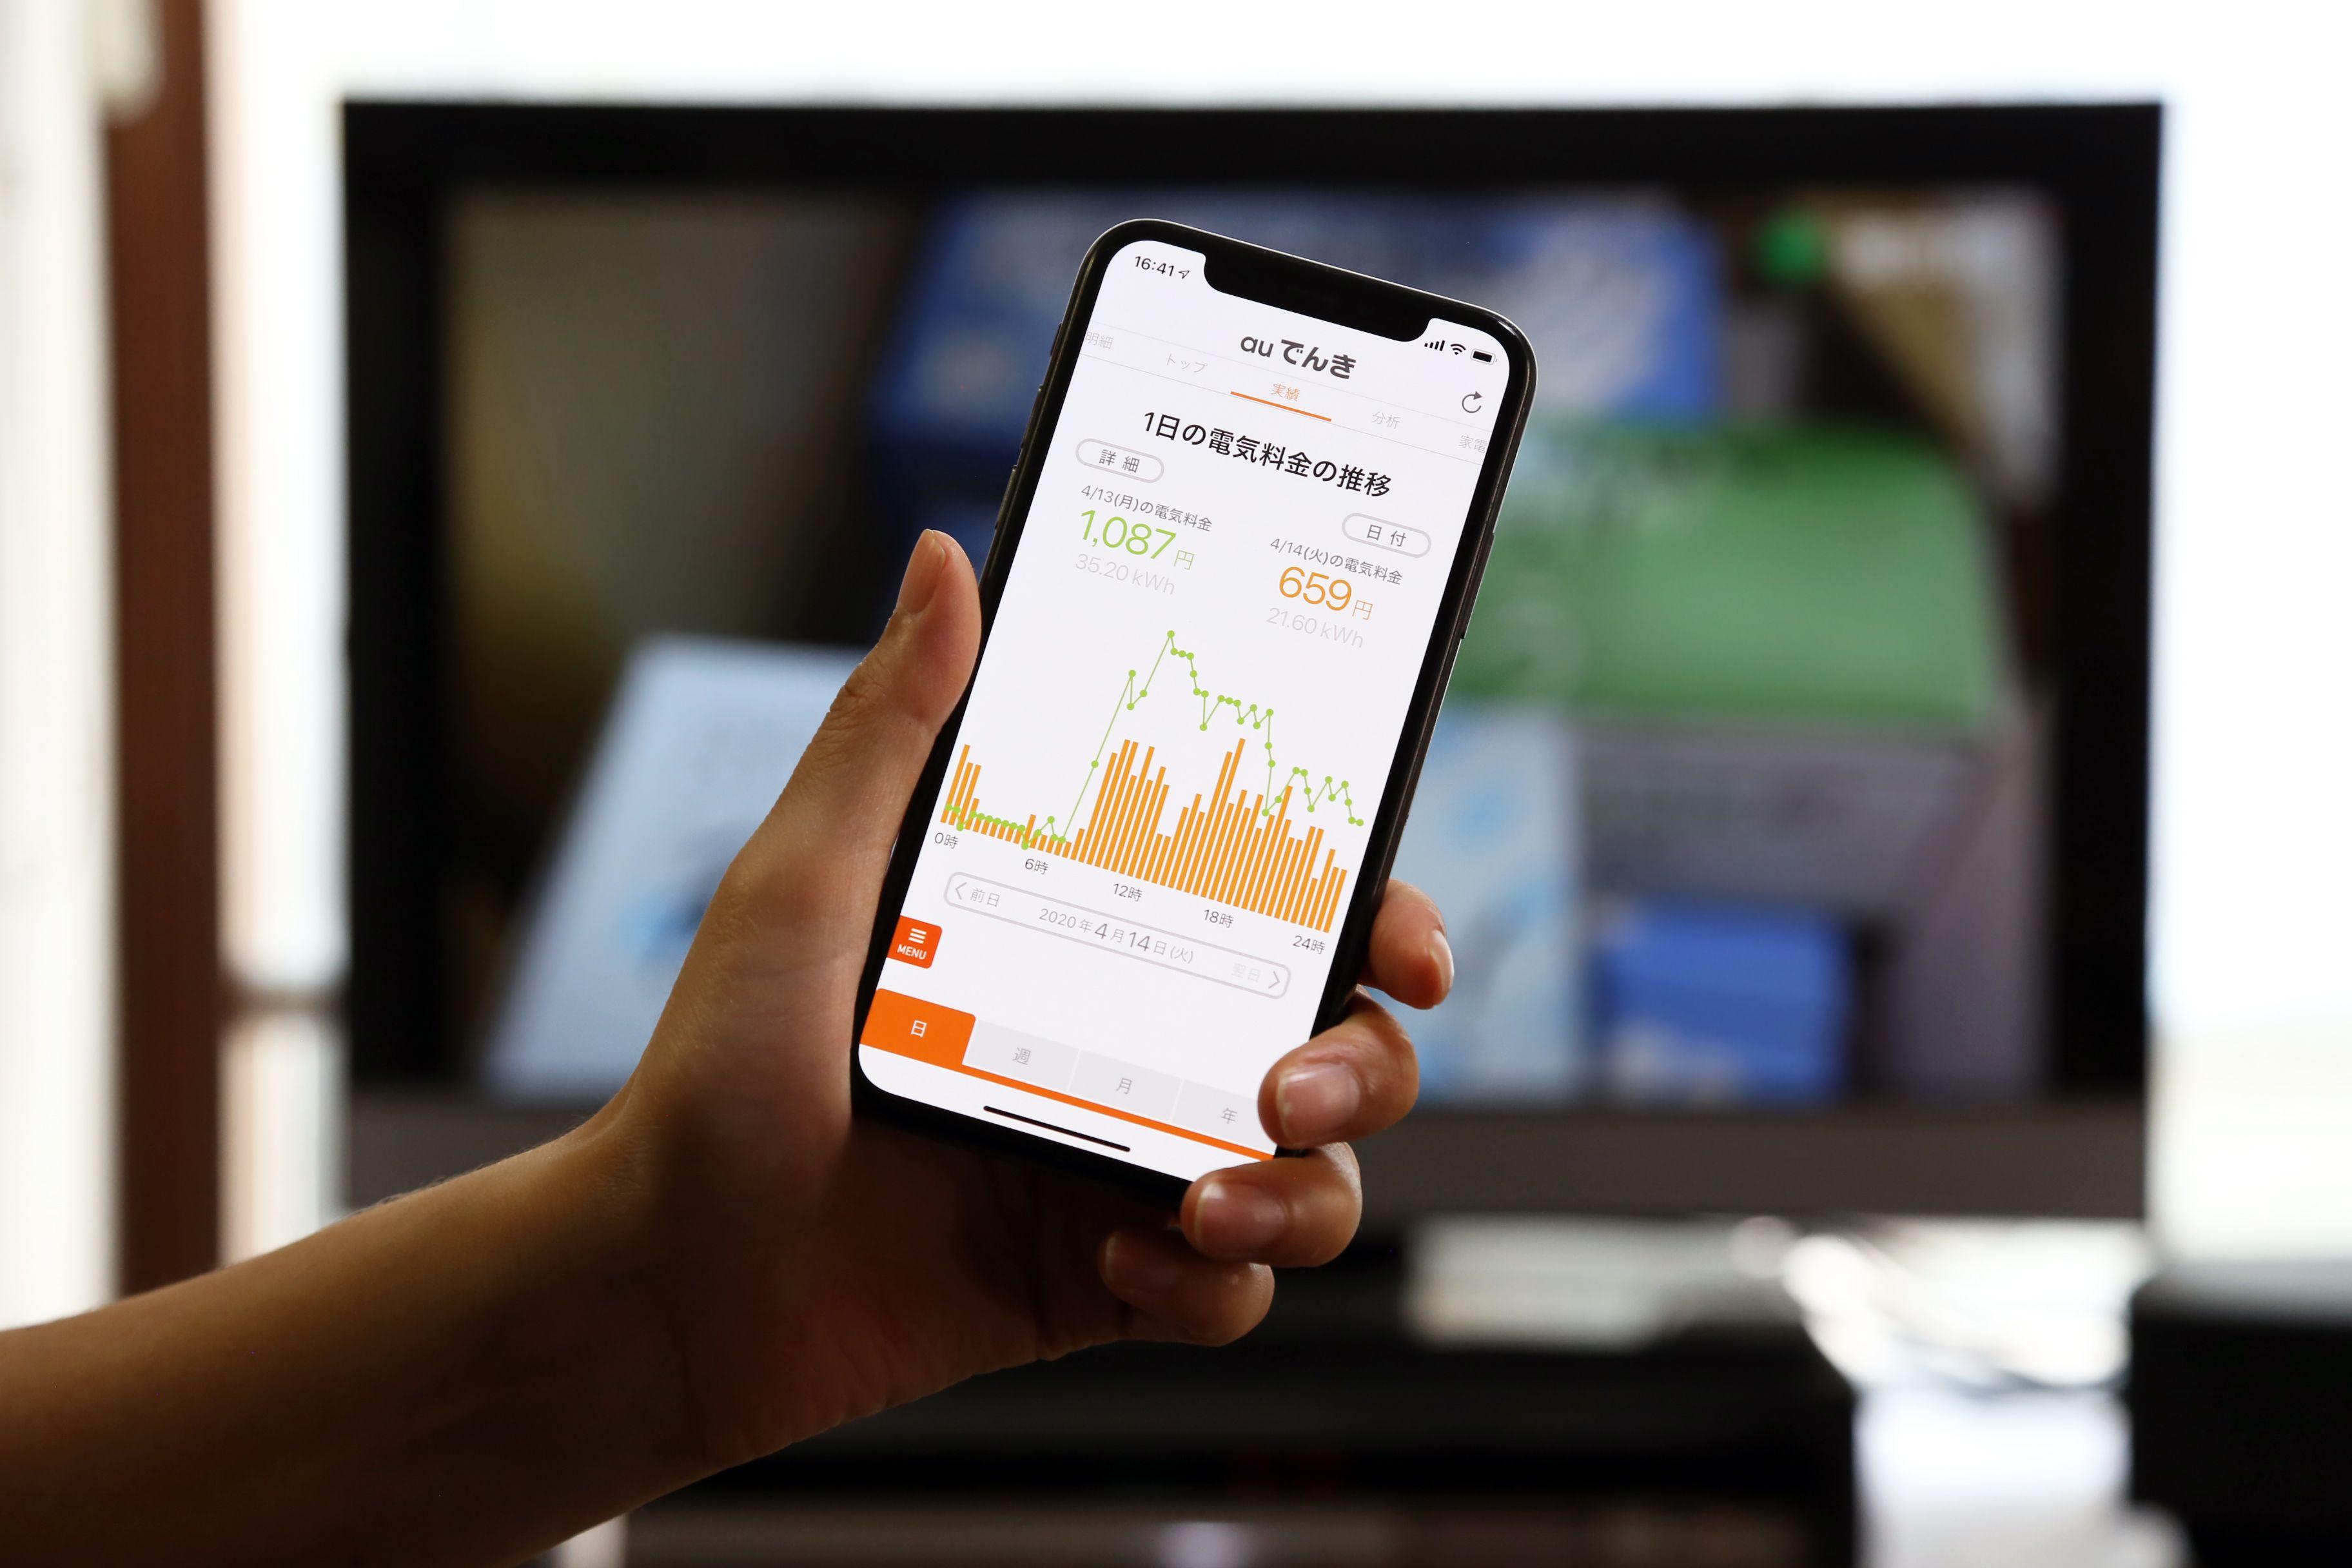 7割以上が外出自粛で電気料金が高くなると回答! 『auでんきアプリ』で使い過ぎ防止